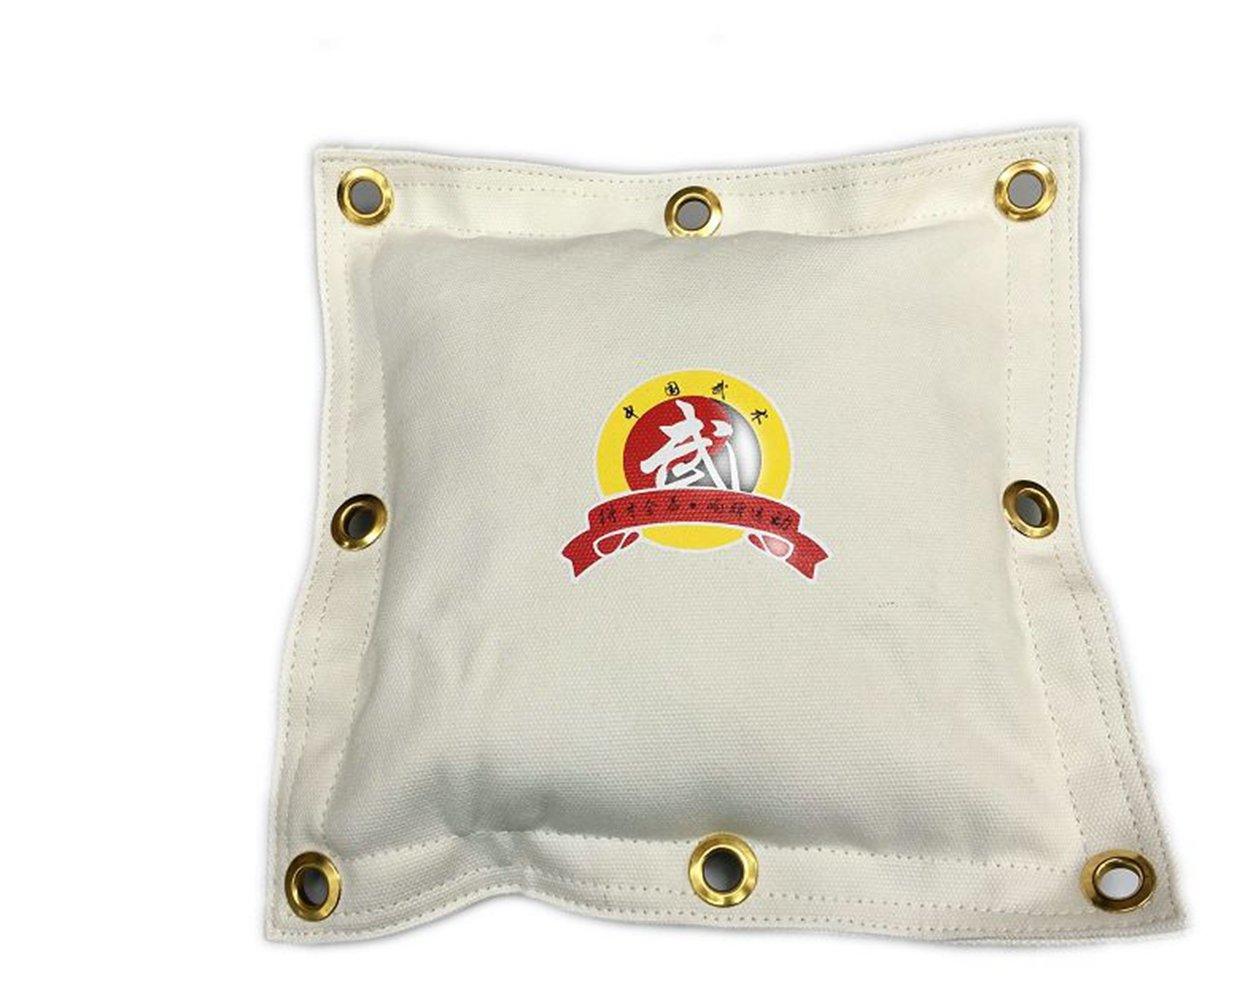 Hombre Wing Chun Kung Fu lienzo pared bolsas de arena bolsa de boxeo boxeo Striking JKD